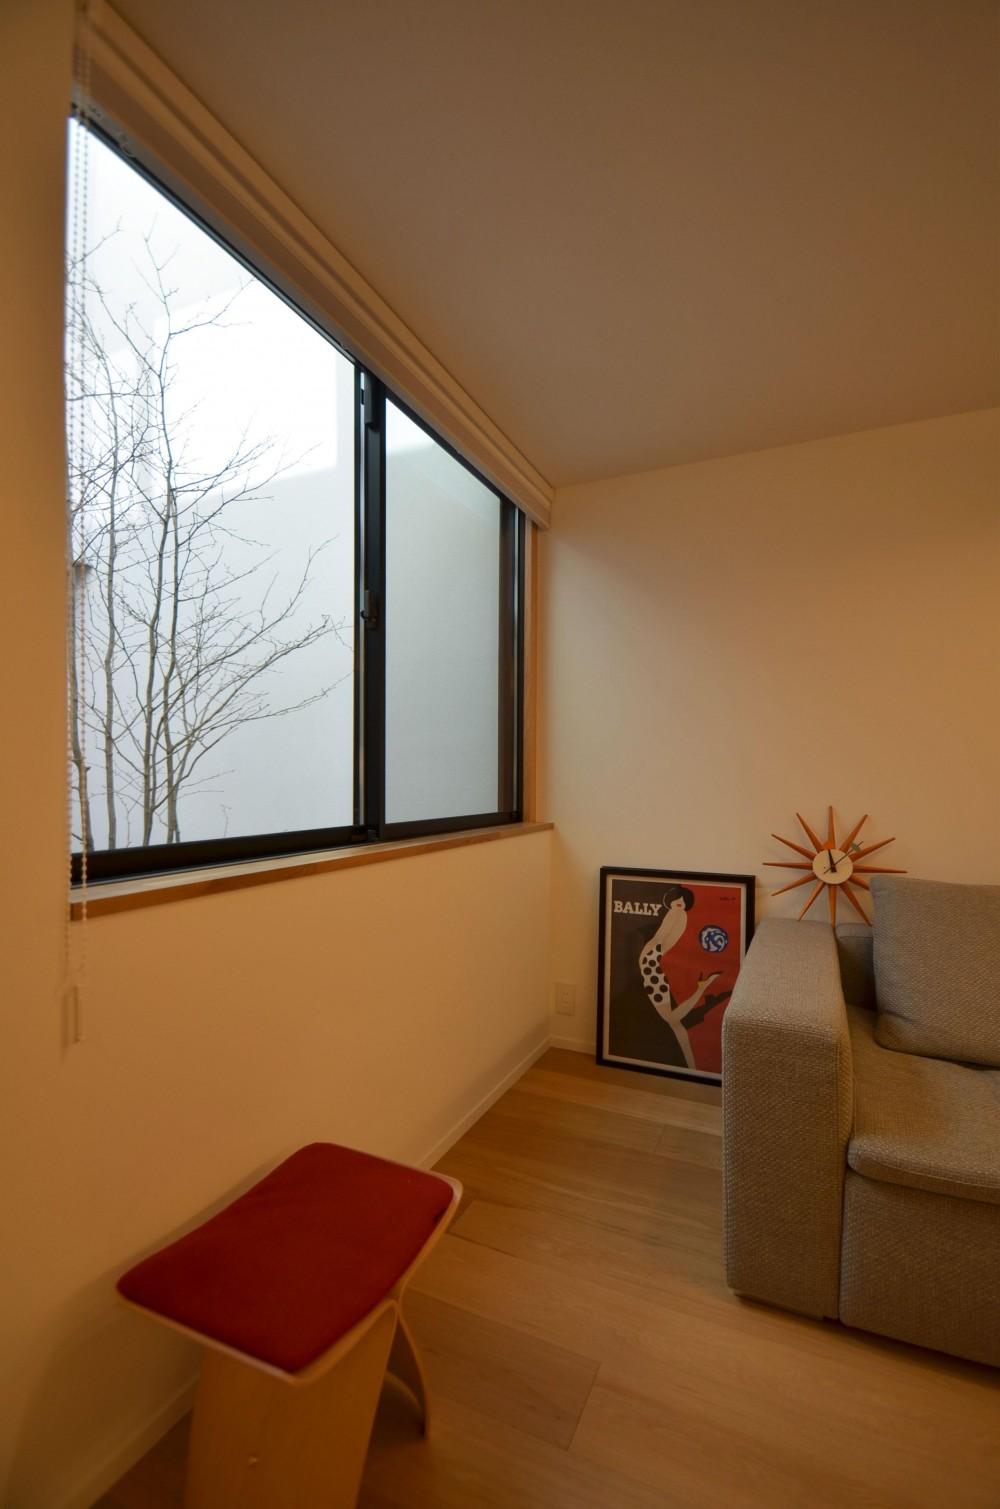 桃井M邸-中庭を中心としたコの字配置の立体コートハウス- (寝室)